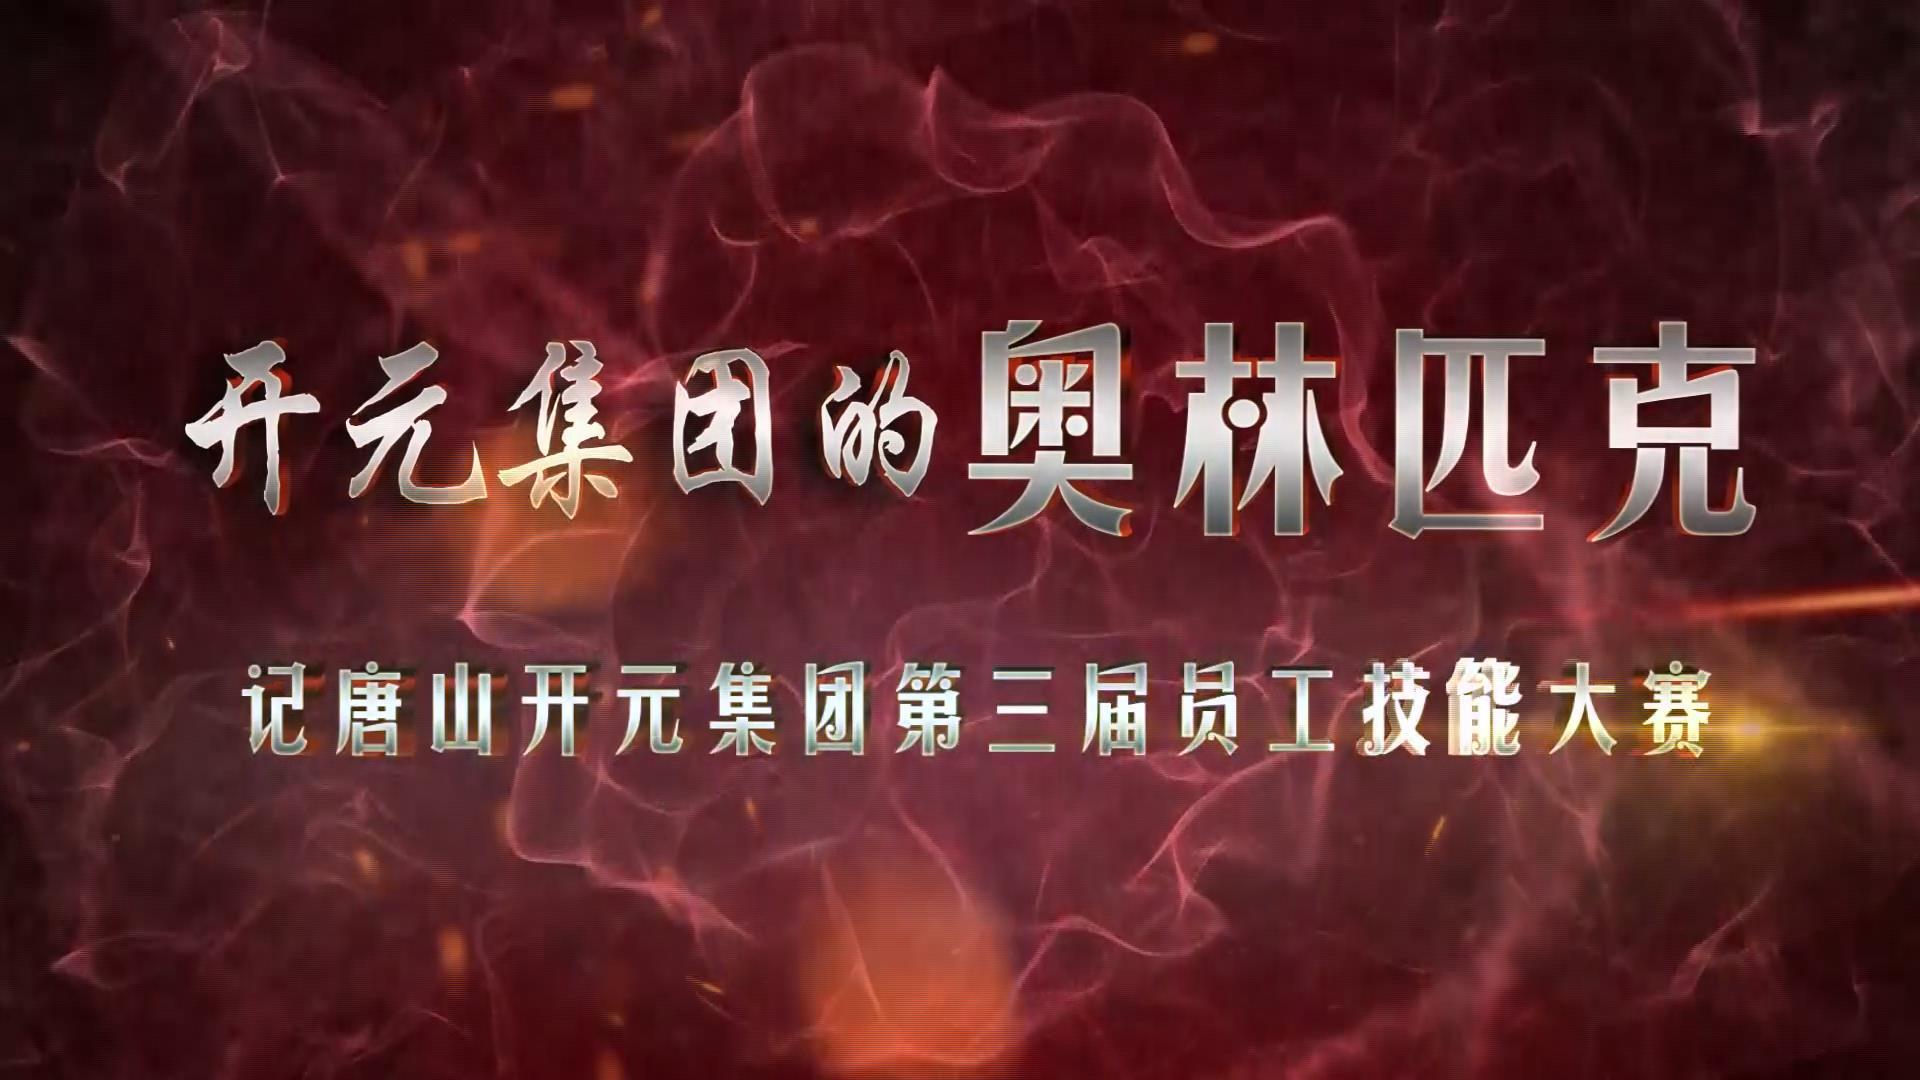 唐山开元集团第三届员工技能大赛